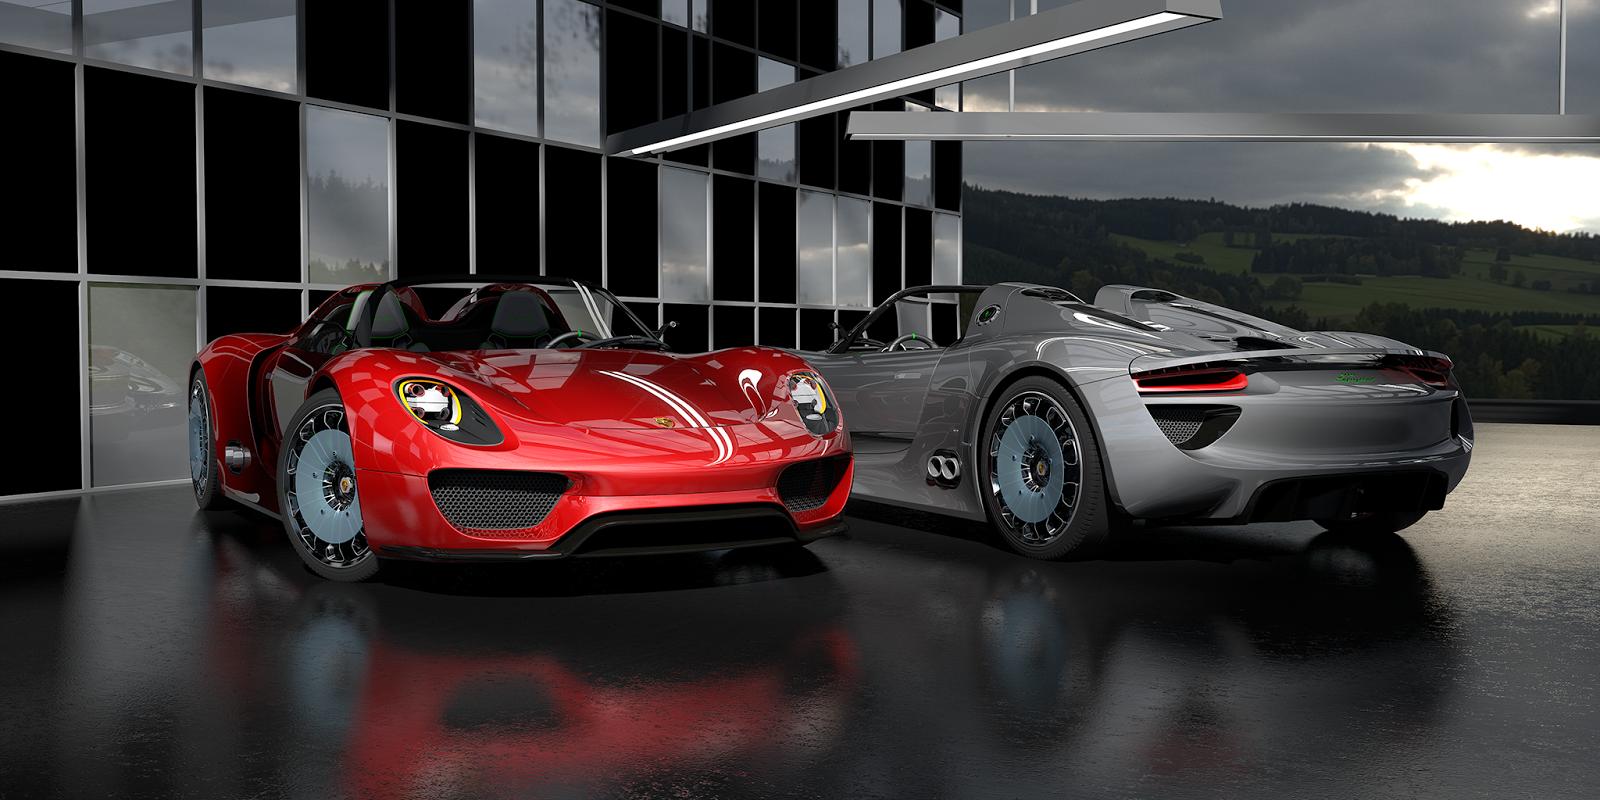 Porsche_918_flyer_image_red_silver_2k